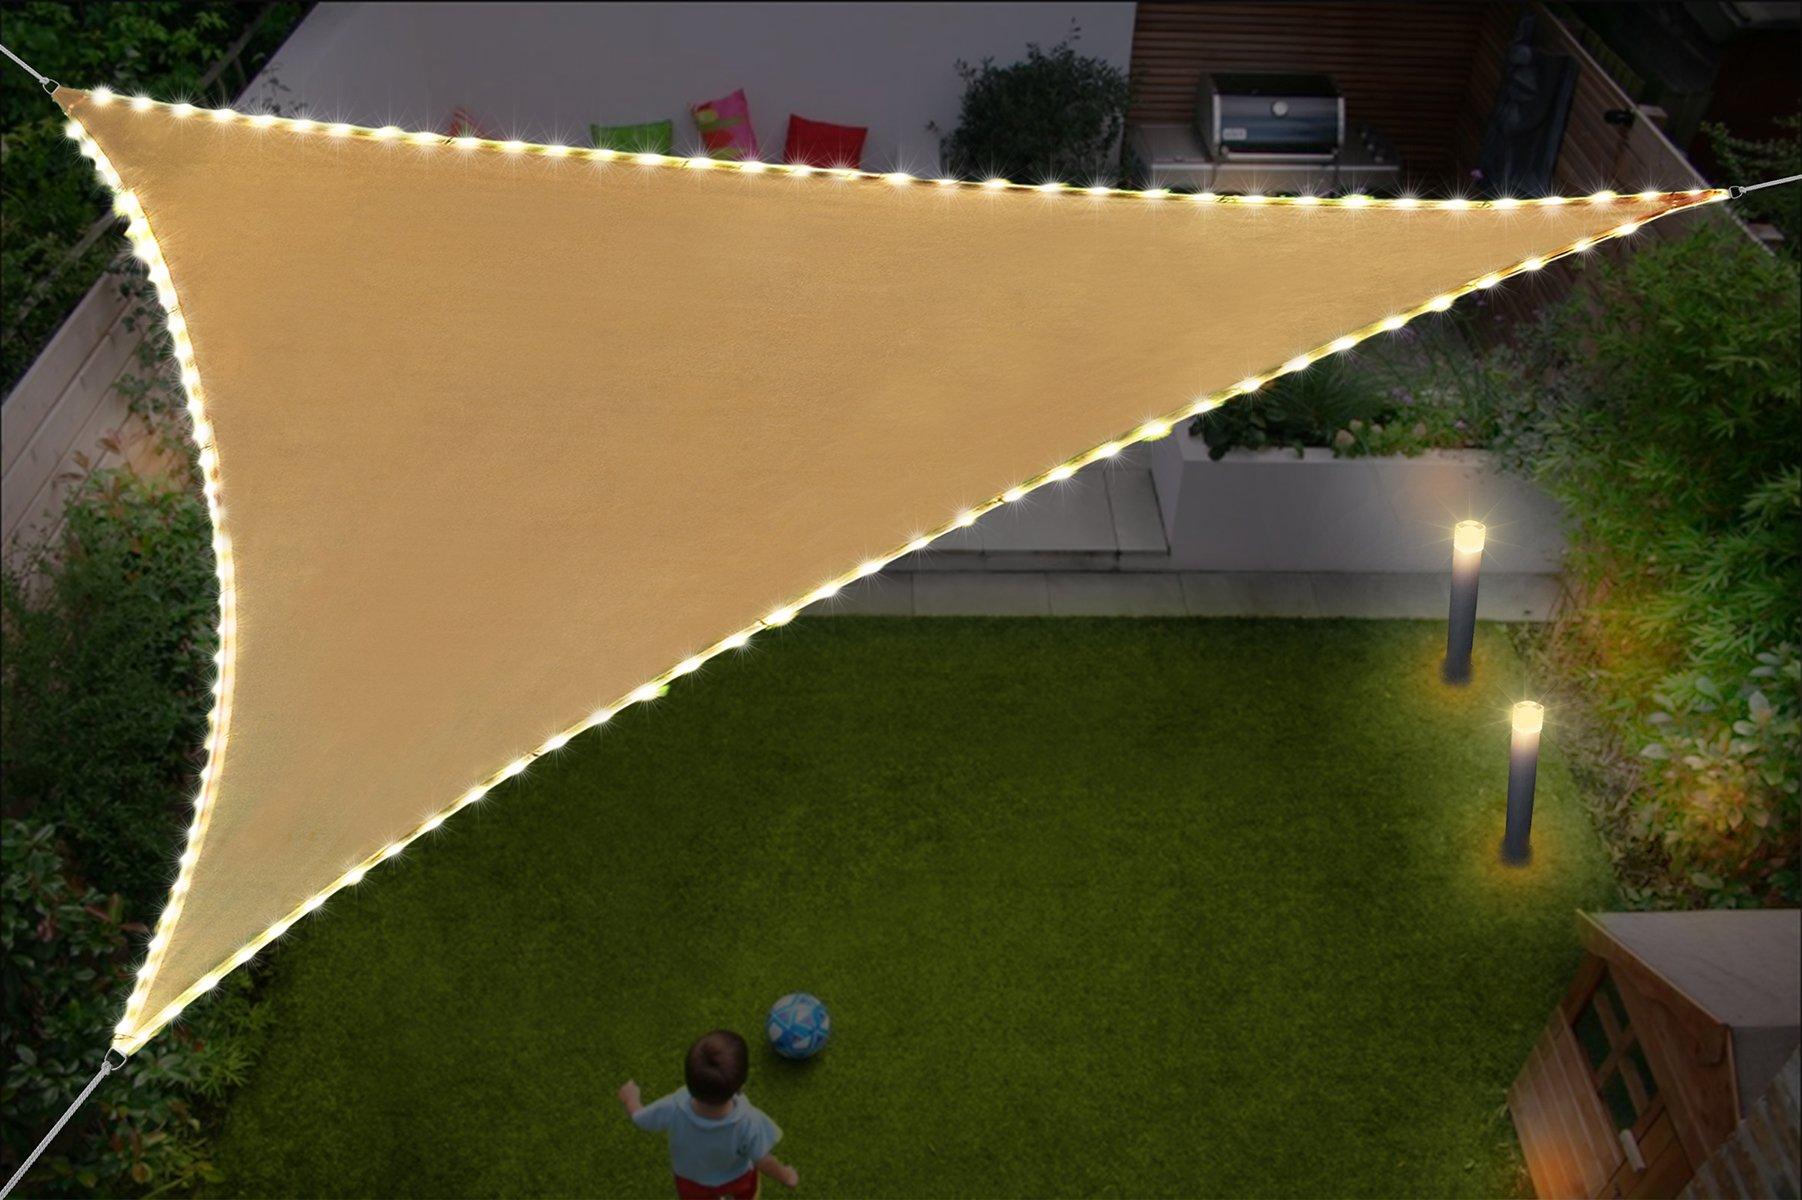 DIIG Toldo Triangular para toldo de Vela de 30 x 30 x 30, 5 cm, Resistente a los Rayos UV, con Luces de Cadena Impermeables, con USB Alimentado para Patio o jardín